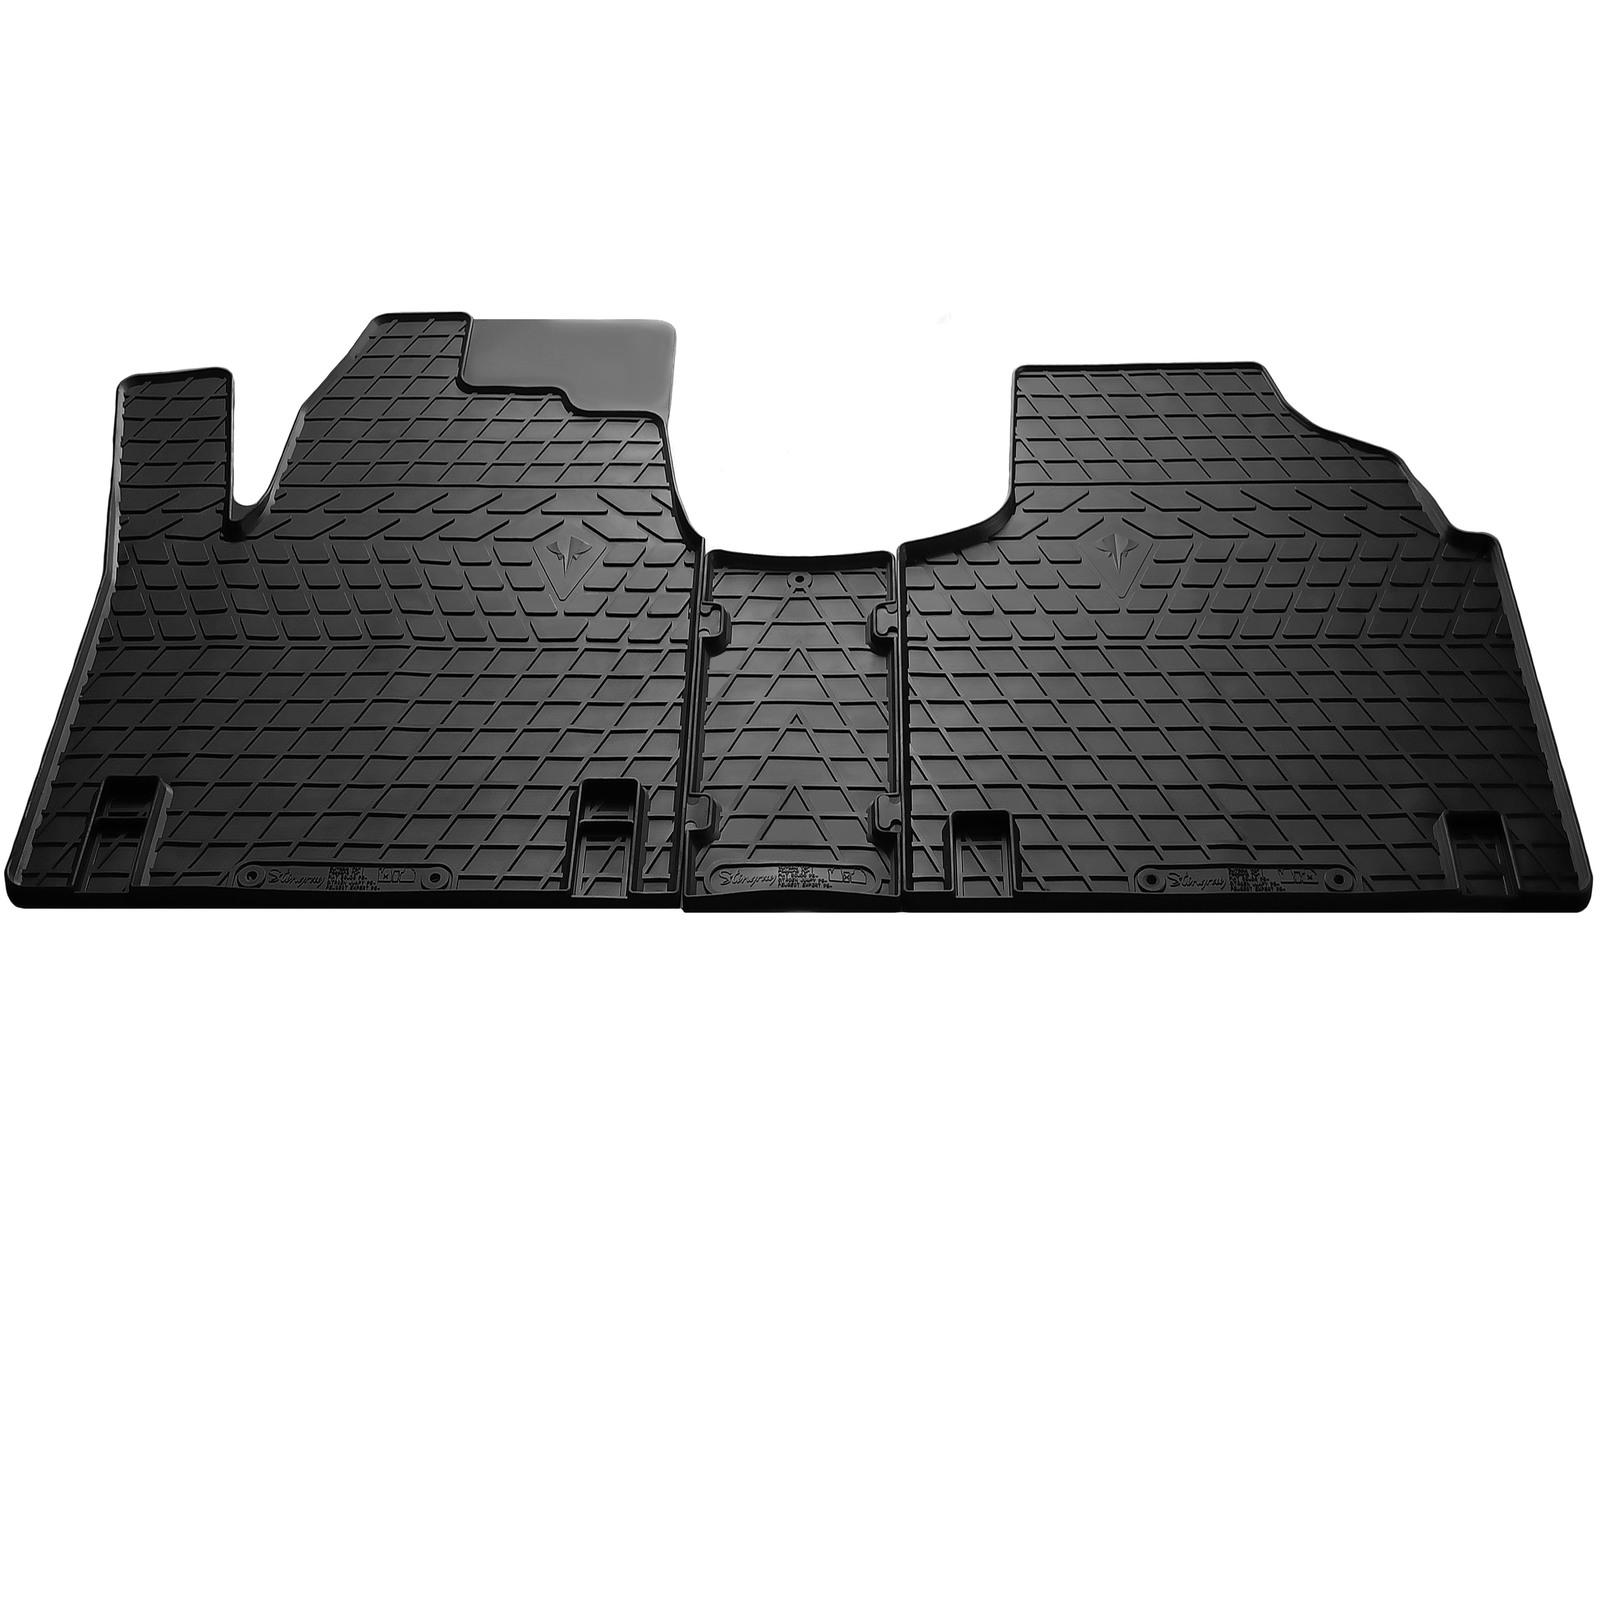 Резиновые коврики (3 шт, Stingray) Premium - без запаха резины